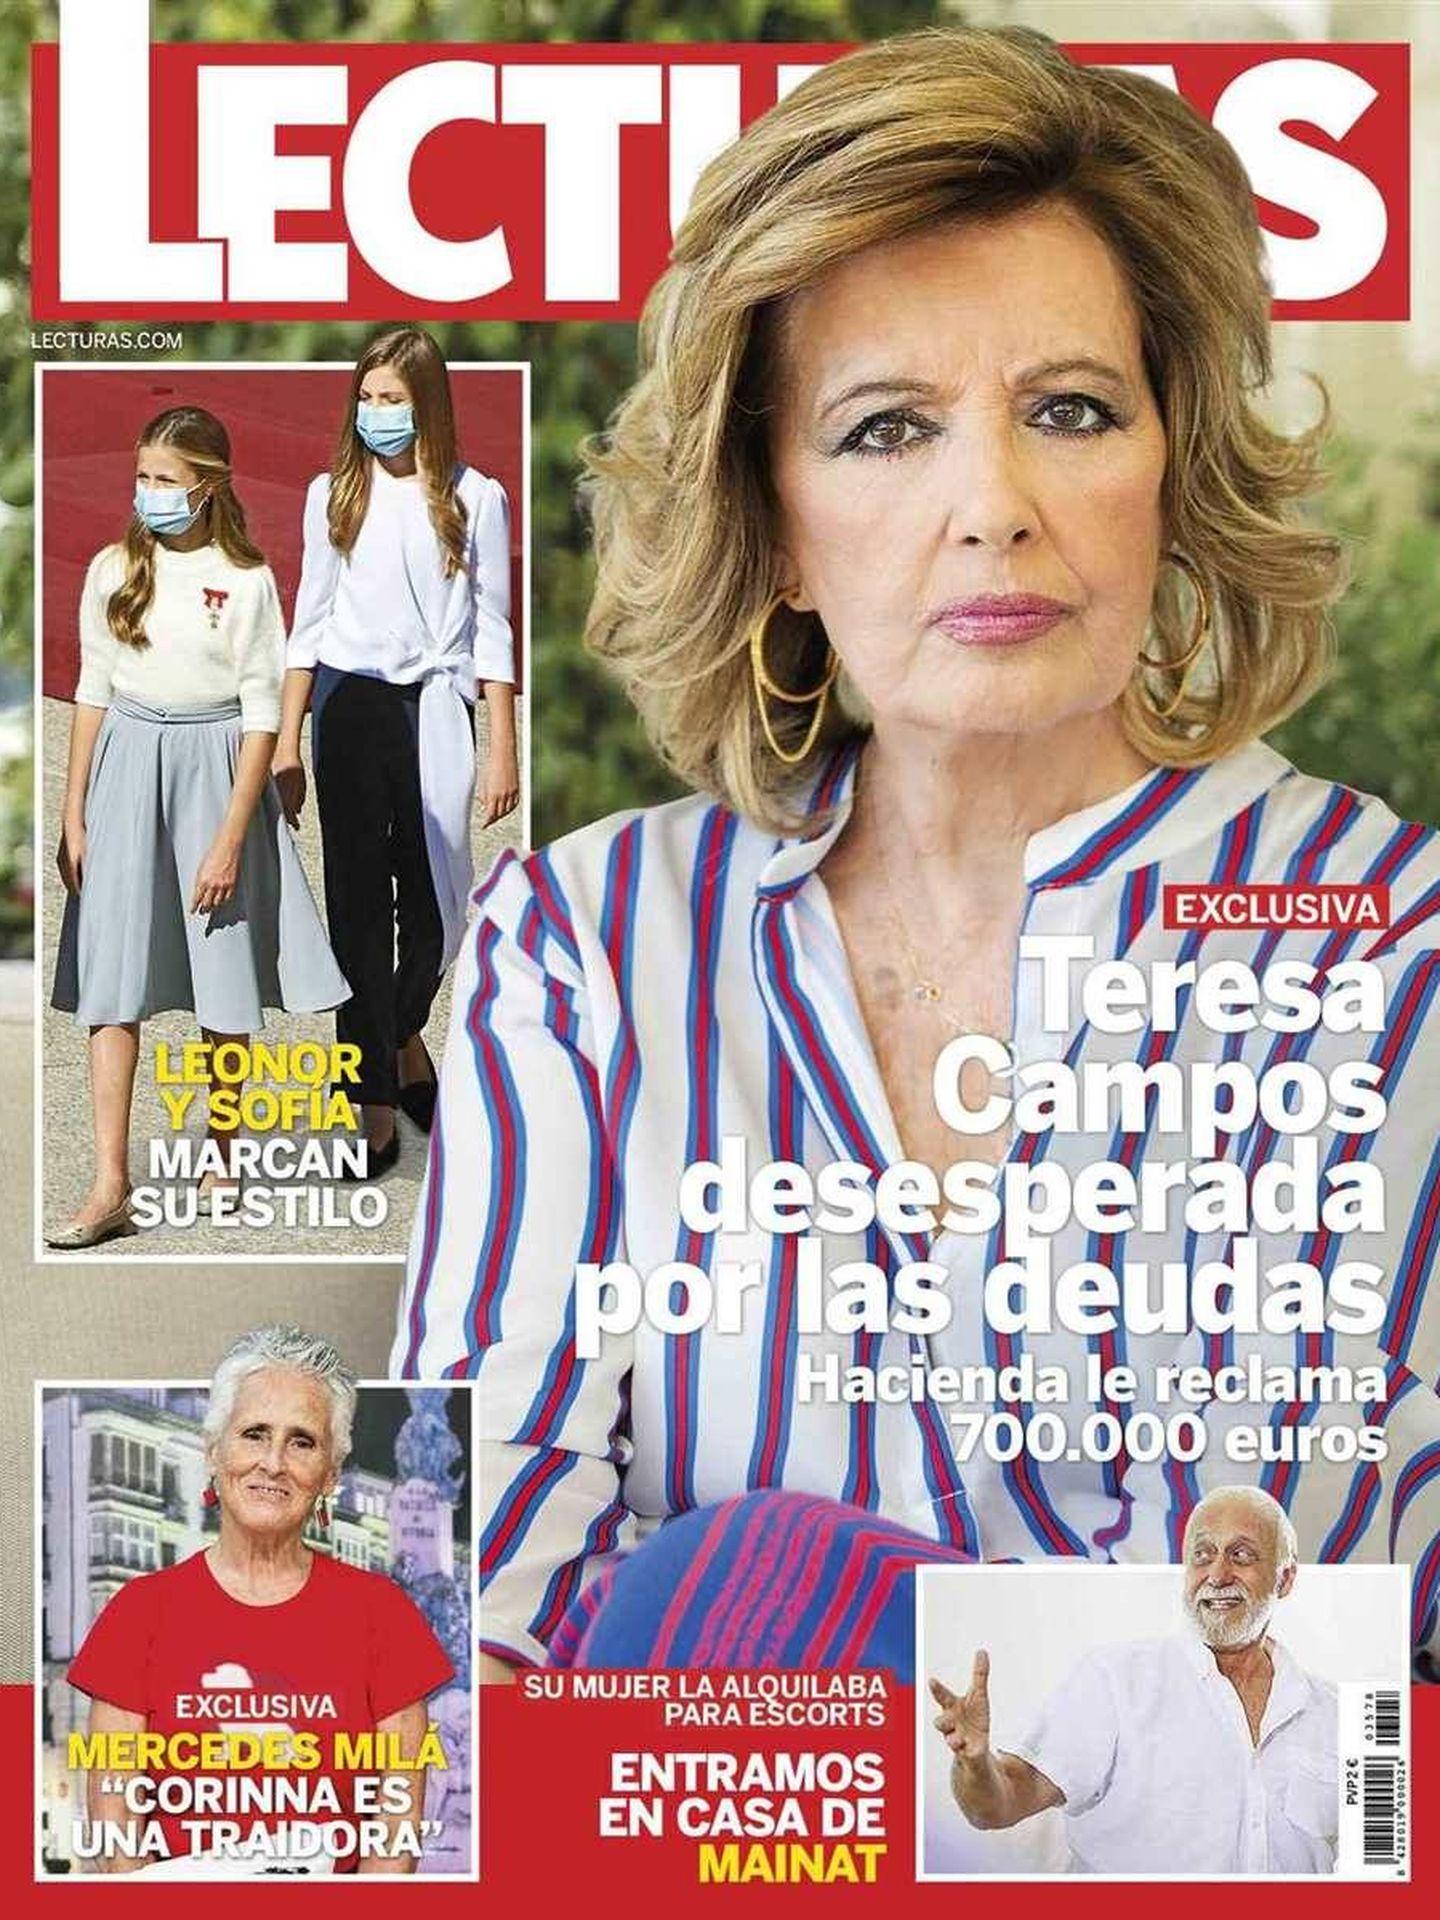 La portada de 'Lecturas'.